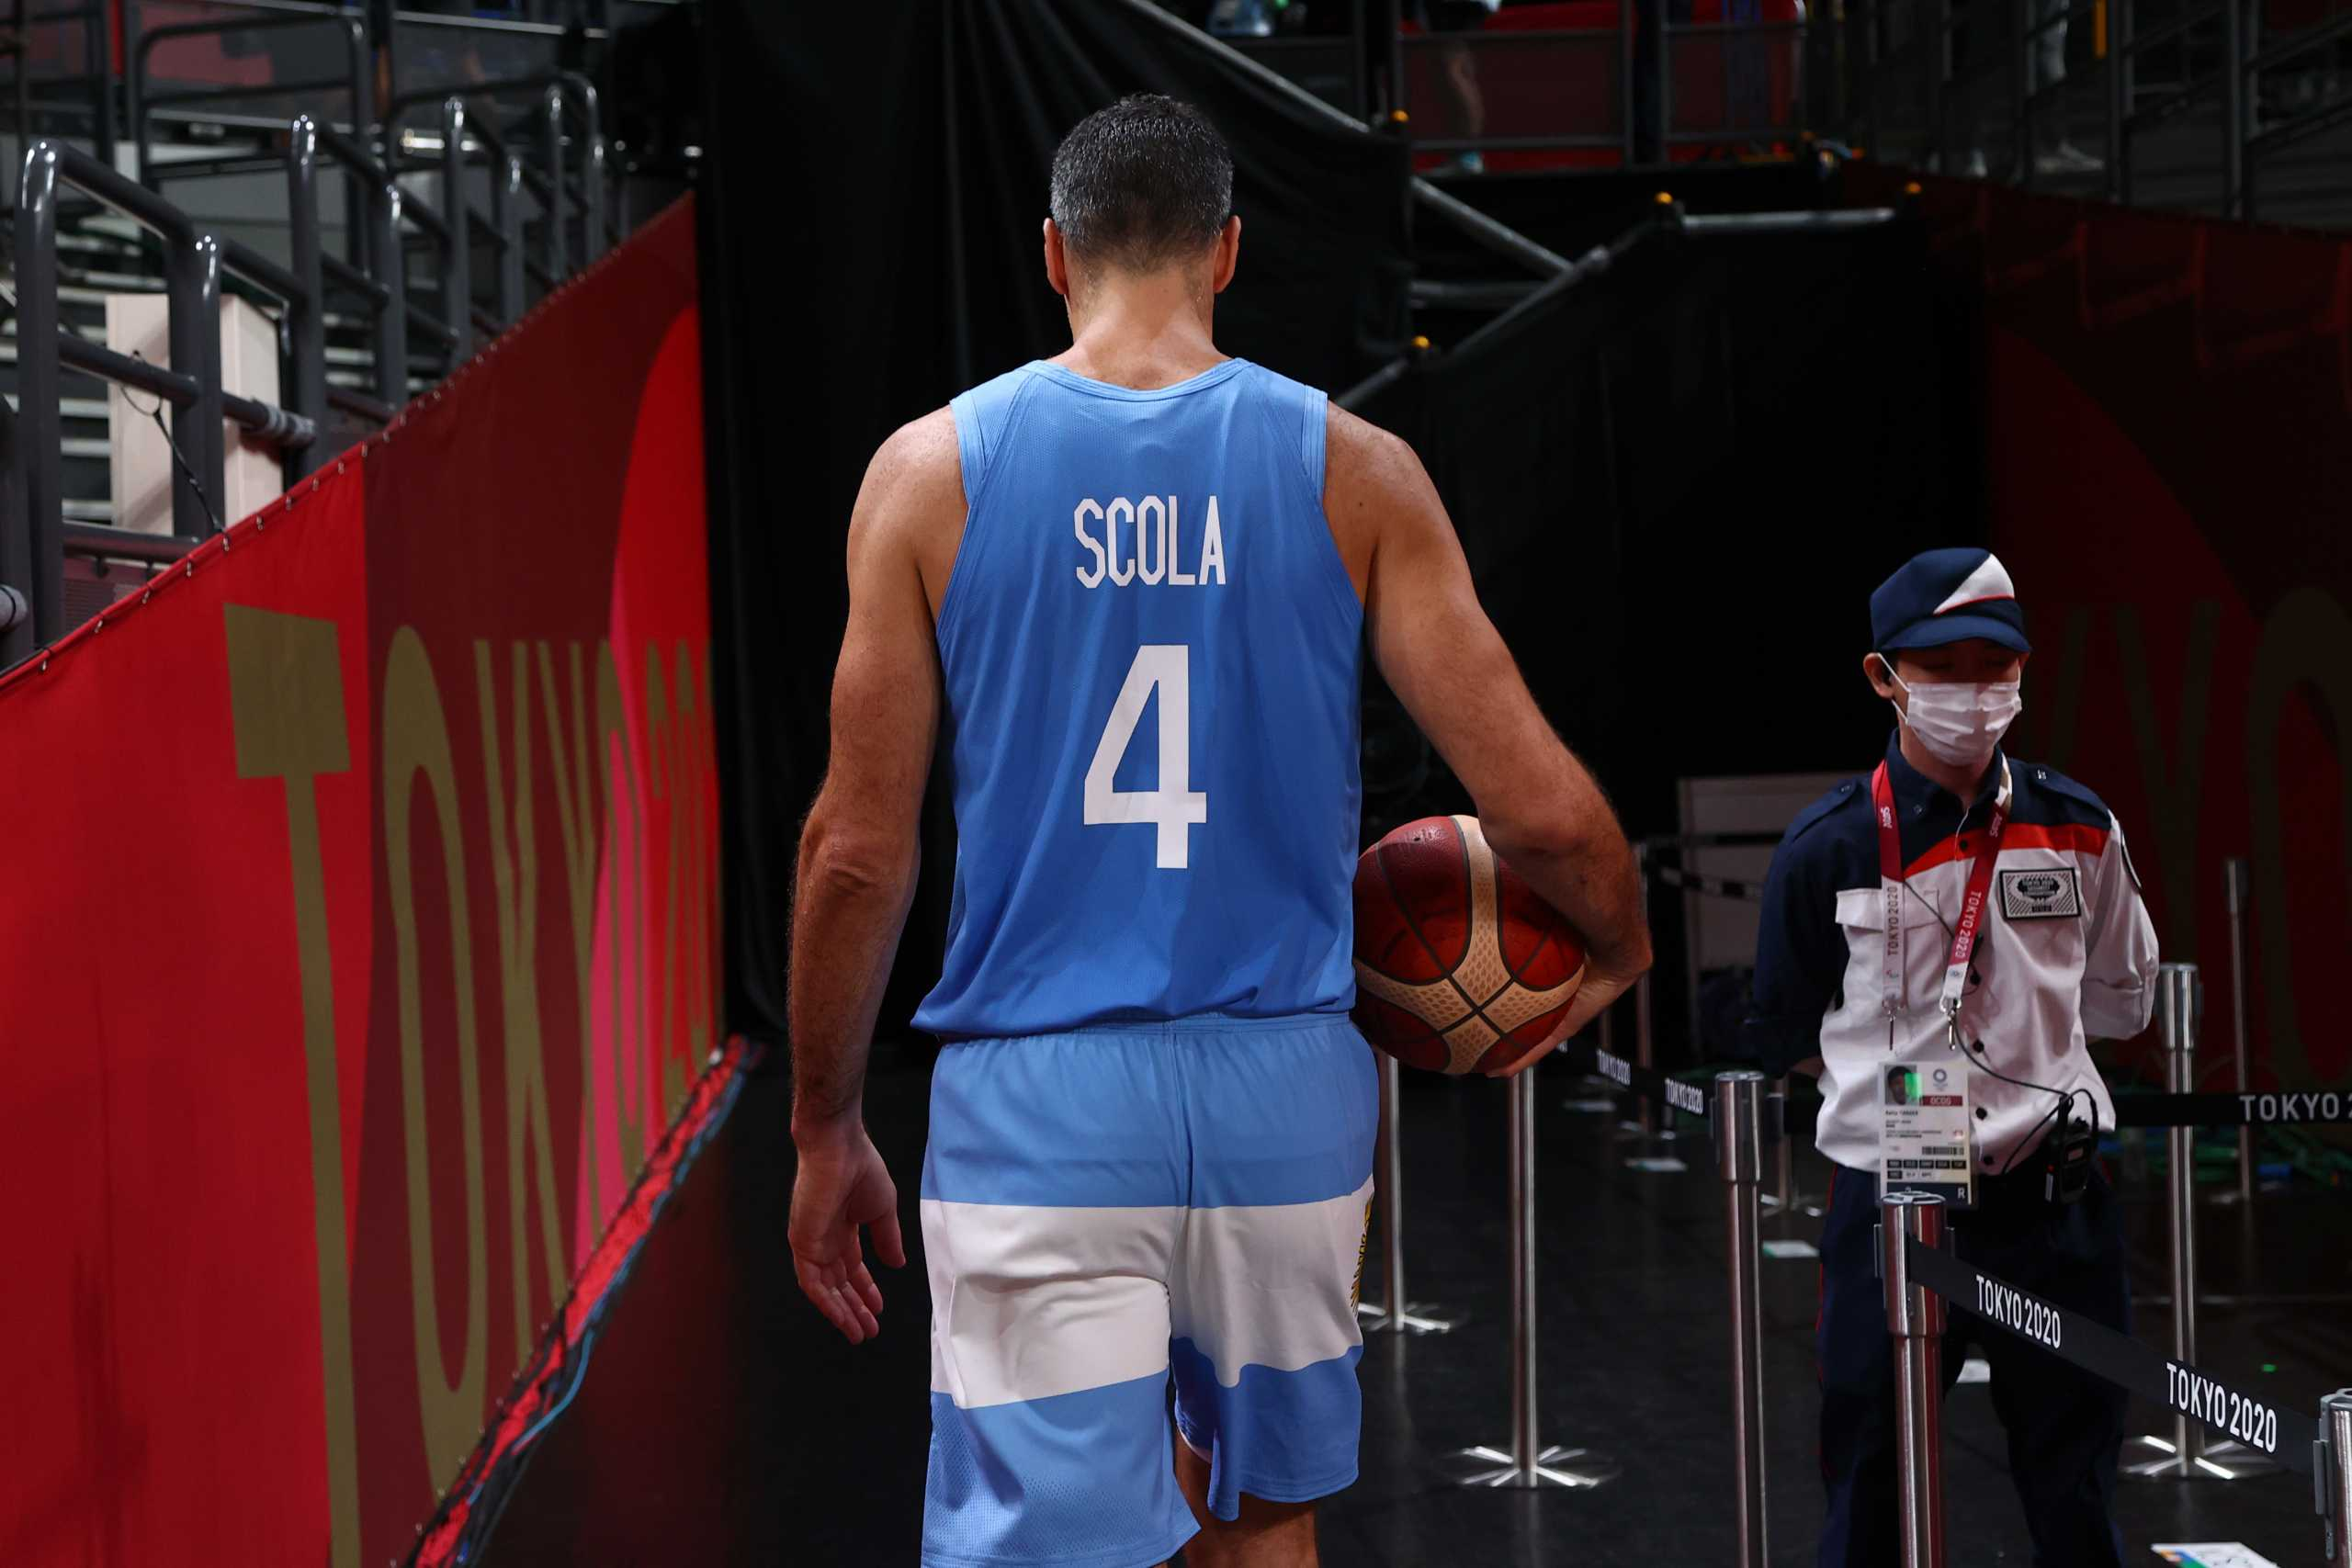 Ολυμπιακοί Αγώνες: Αποθέωση και συγκίνηση στο «αντίο» του Λούις Σκόλα